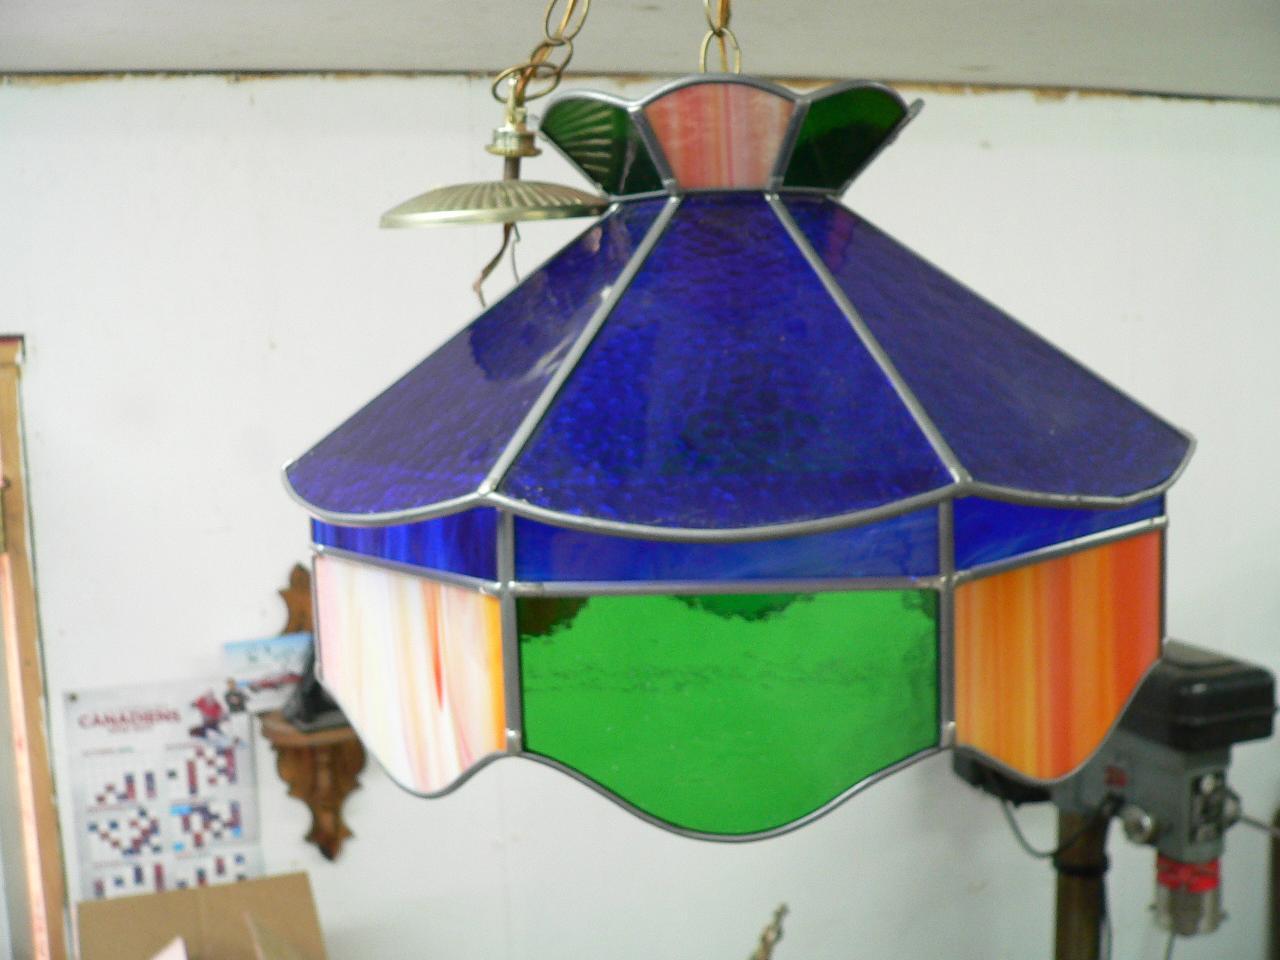 Lampe suspendu # 4080